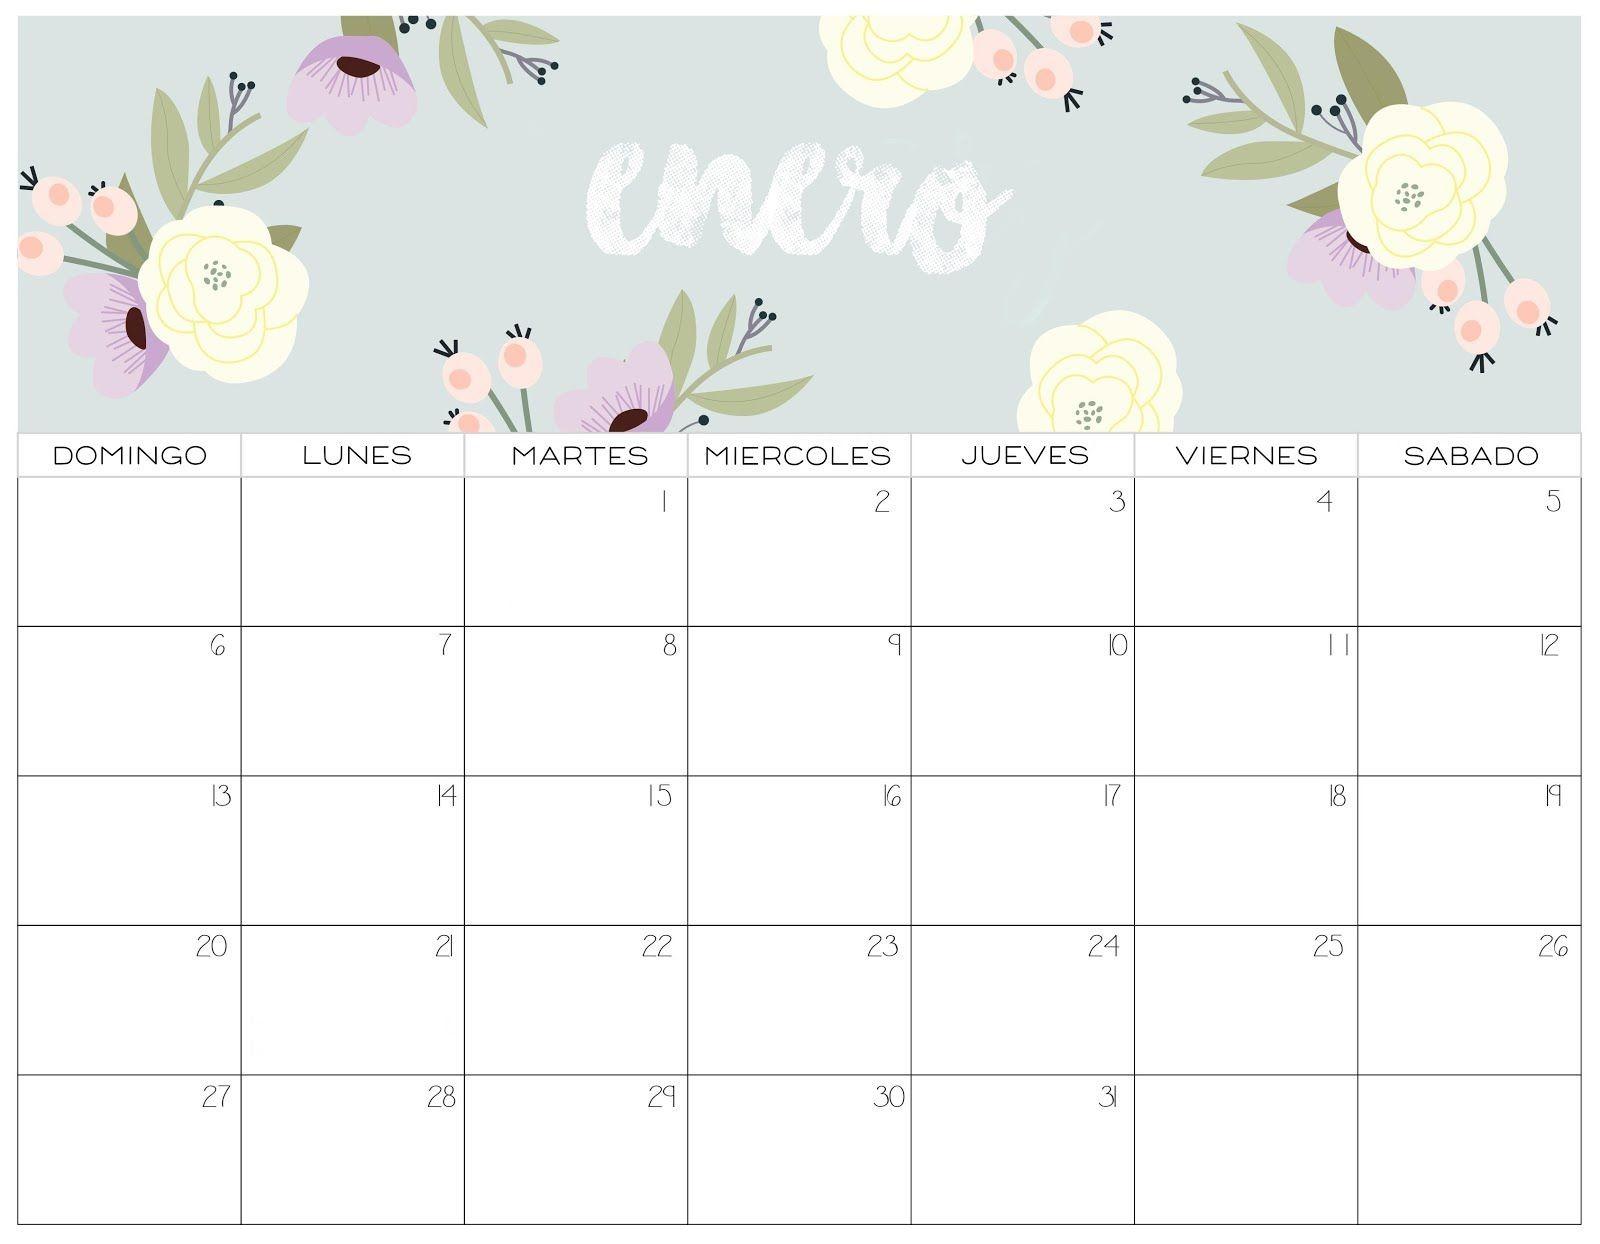 Calendario Imprimir Junio 2019 Actual 255 Mejores Imágenes De Agenda En 2019 Of Calendario Imprimir Junio 2019 Más Recientes Pin De Kadesh Vampire En Wicca